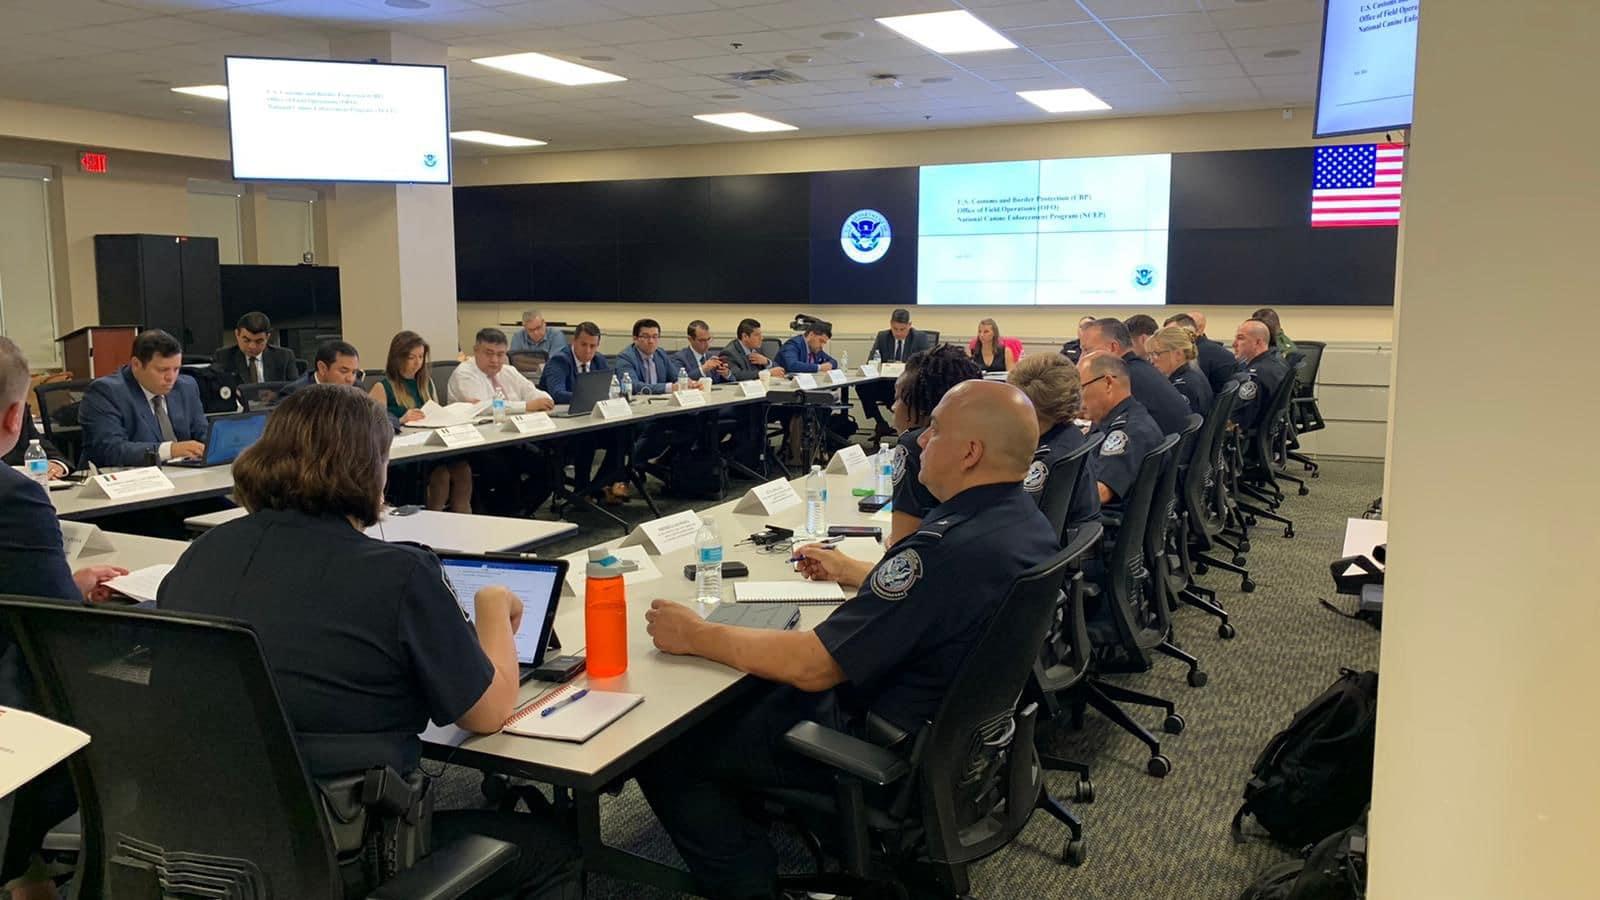 Reunión de trabajo con Oficina de Aduanas y Protección Fronteriza de EU, contra tráfico llícito de armas